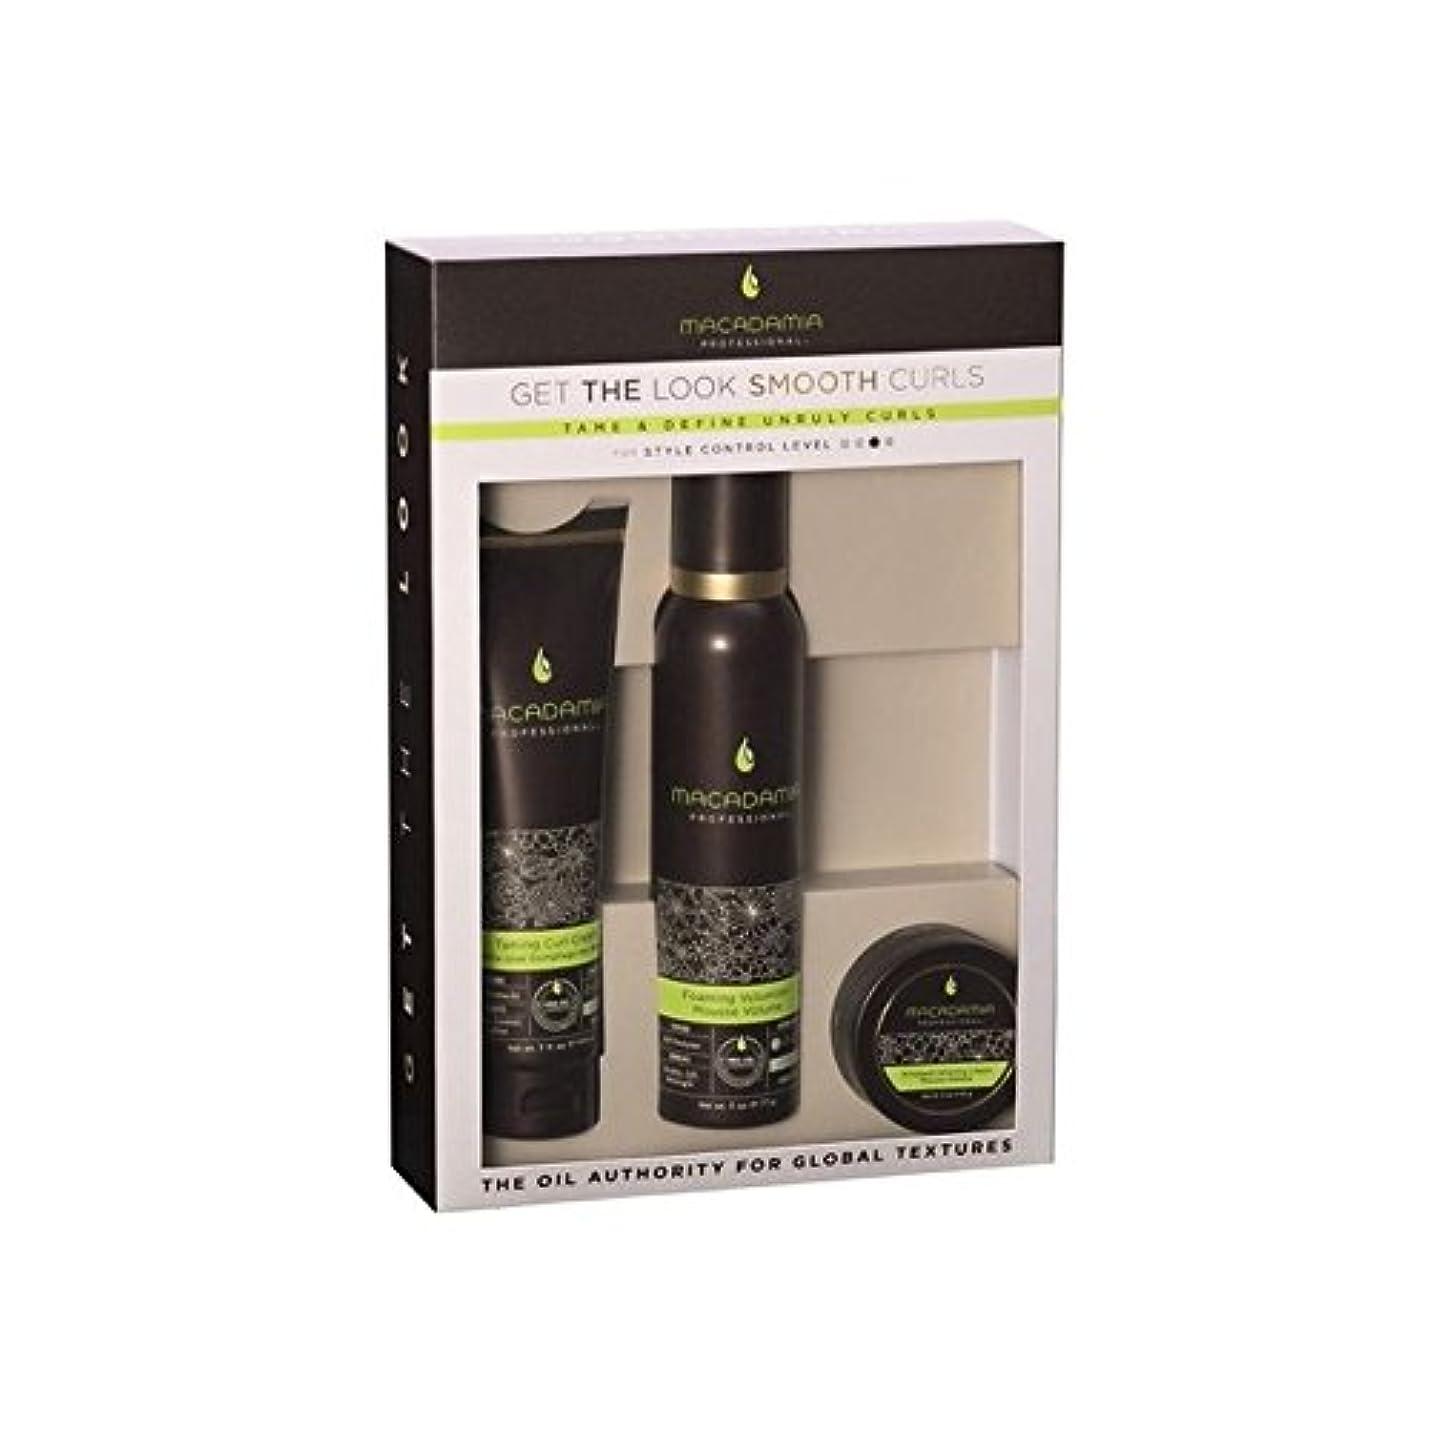 多年生醸造所廊下マカダミアナチュラルオイル「外観を得る」を設定し、滑らかなカール x4 - Macadamia Natural Oil 'Get The Look' Smooth Curls Set (Pack of 4) [並行輸入品]